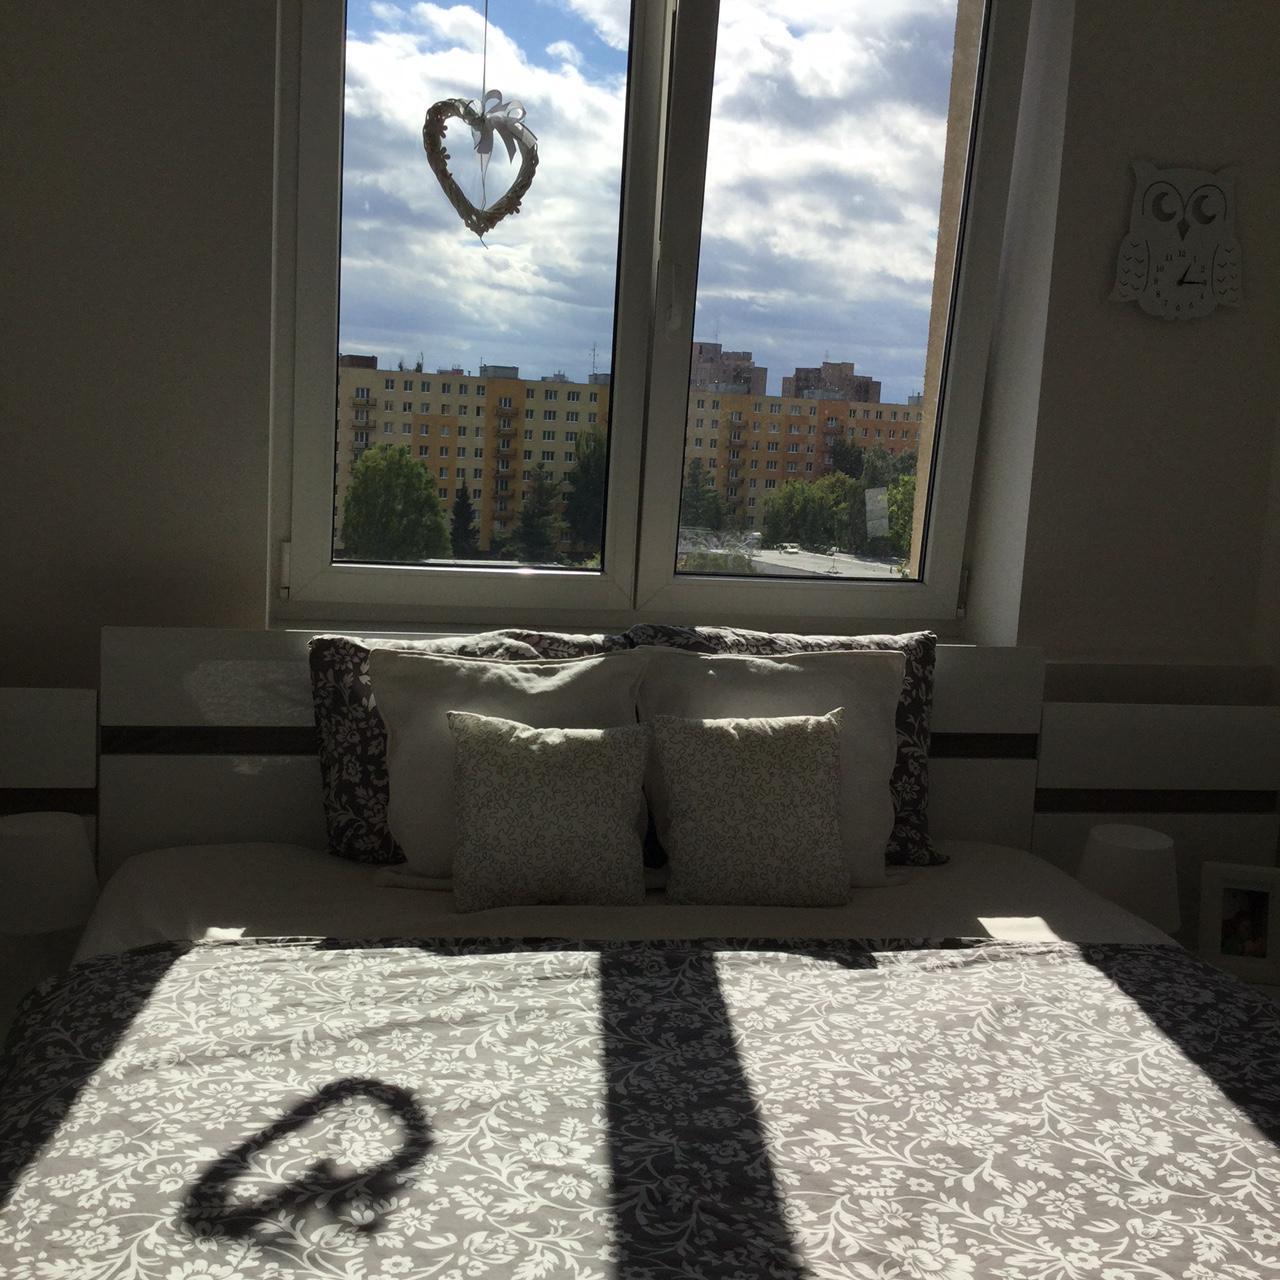 My lovely home 2+kk - Obrázek č. 88